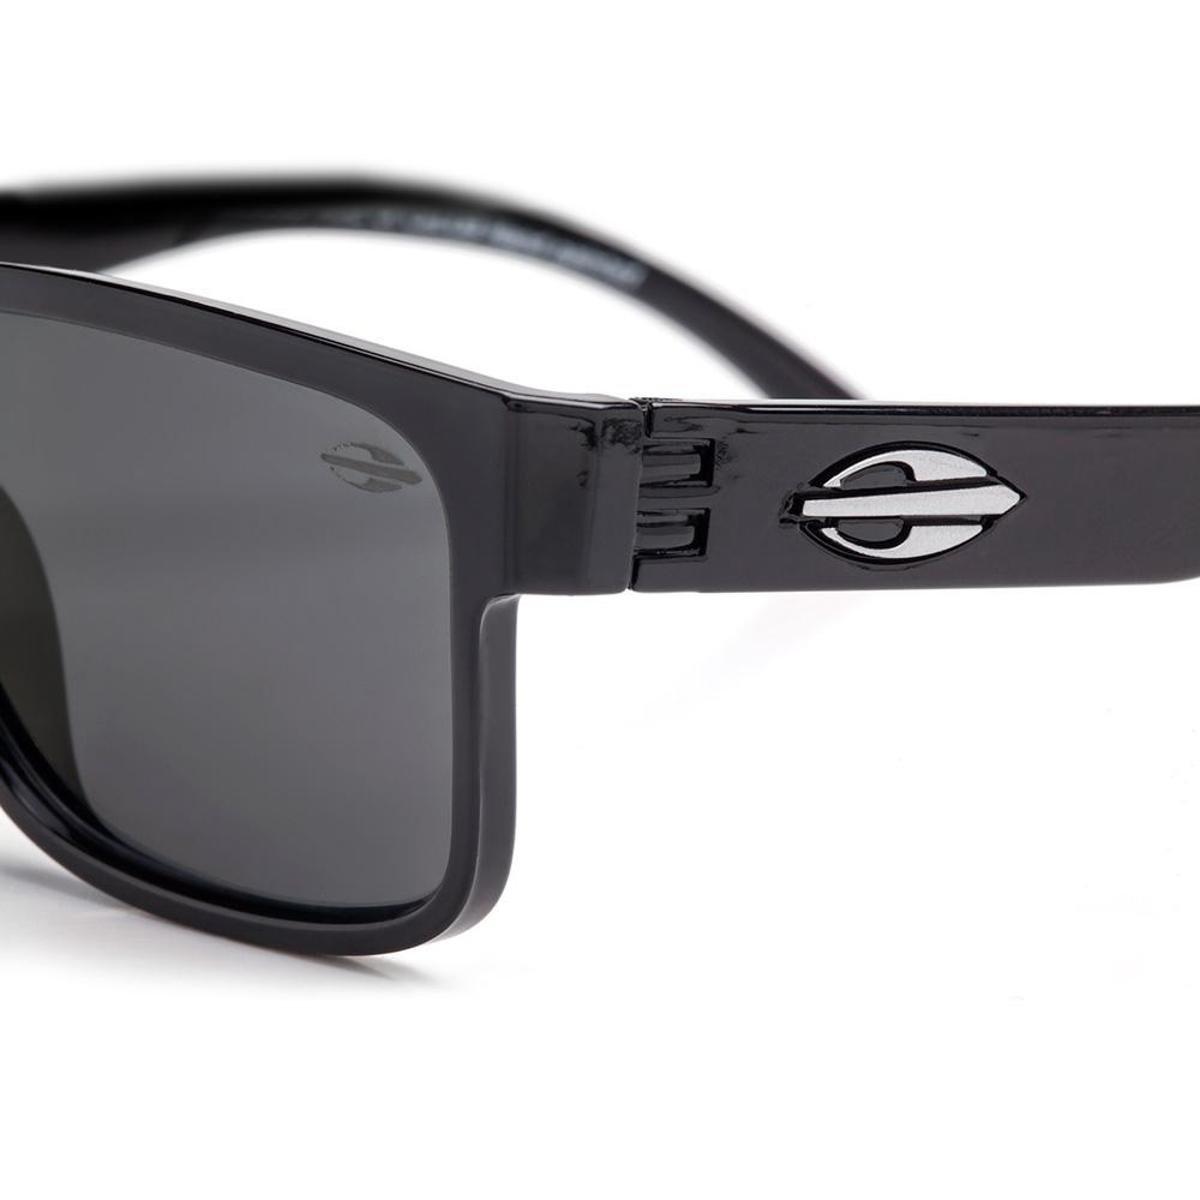 51d54d55e1be9 ... Óculos De Sol Mormaii Monterey Nxt Infantil. Óculos De Sol Mormaii  Monterey Nxt Infantil - Preto